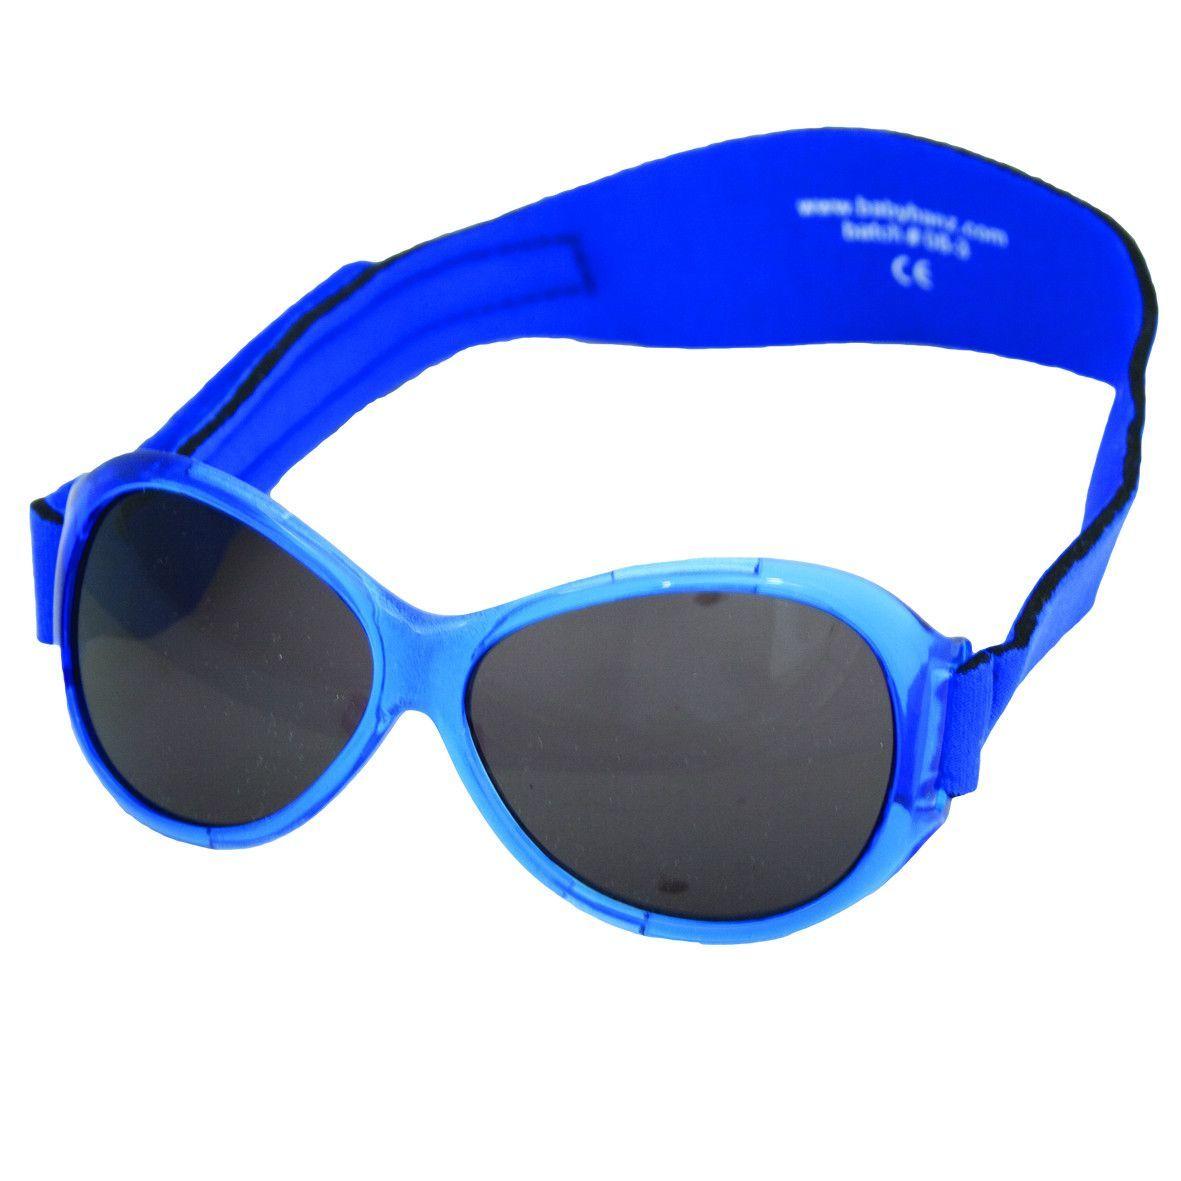 Retro Banz® Wrap Around Sunglasses (With images) Blue